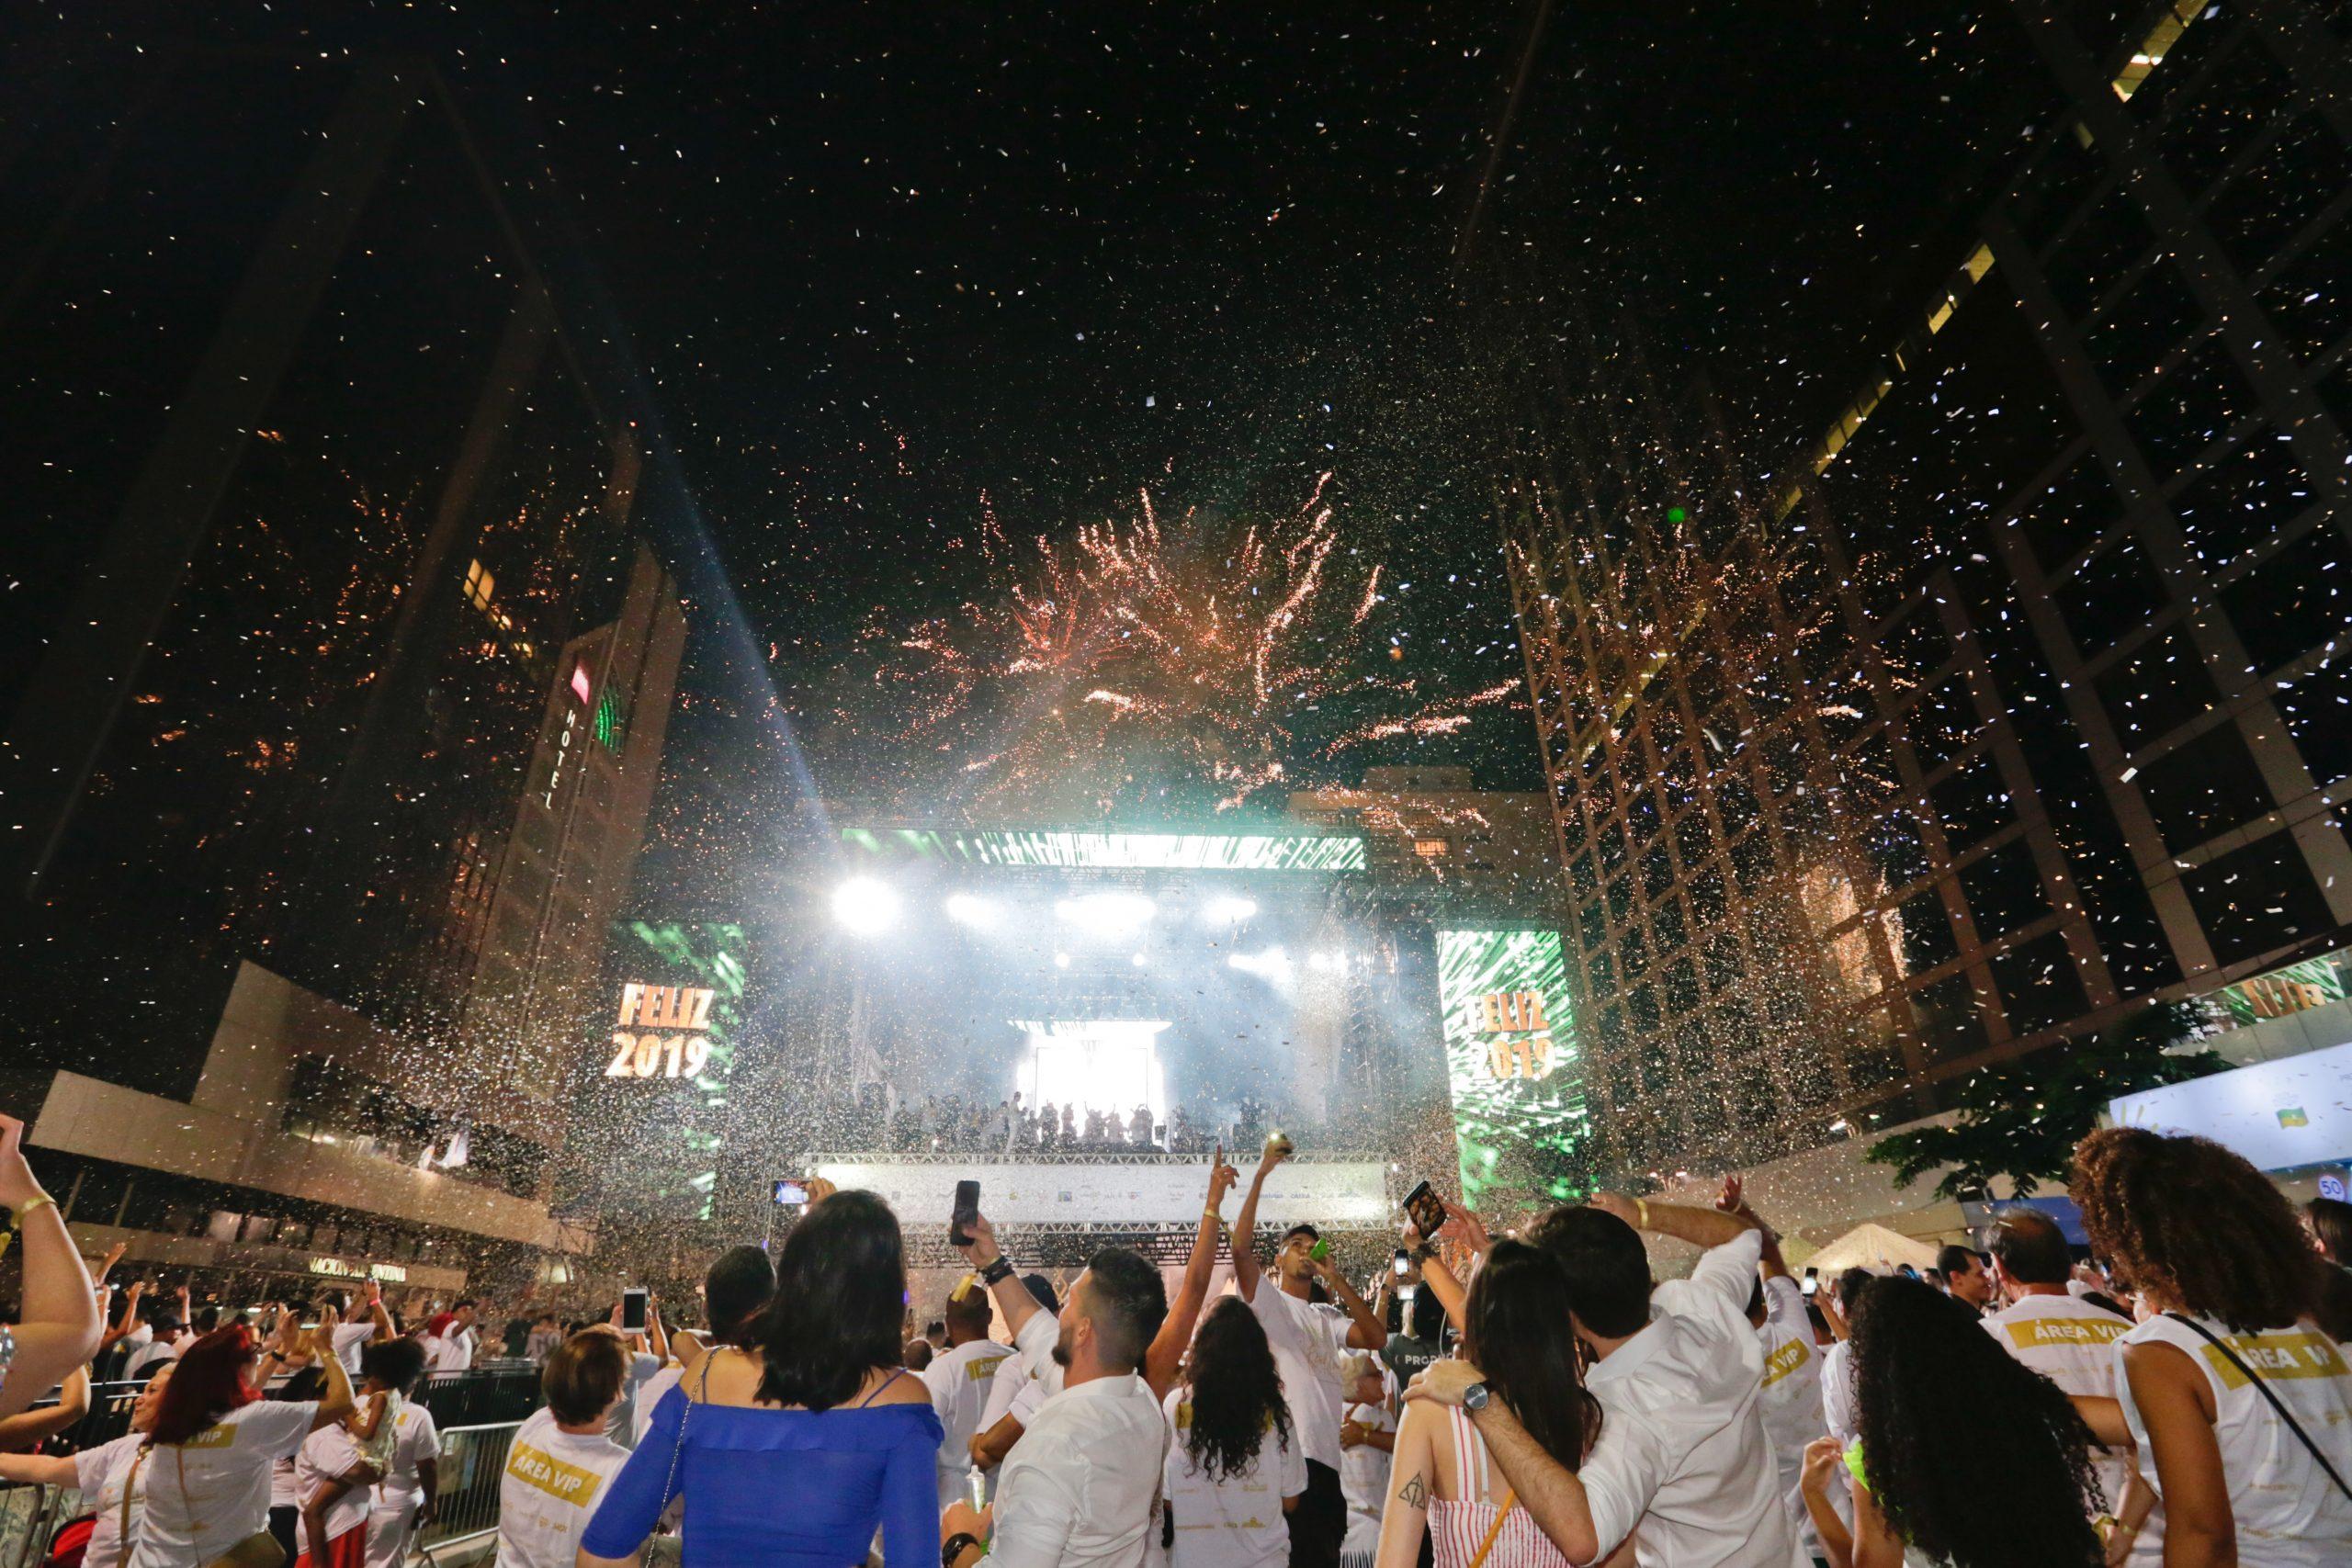 Réveillon na Paulista 2020: Confira as atrações e detalhes do evento